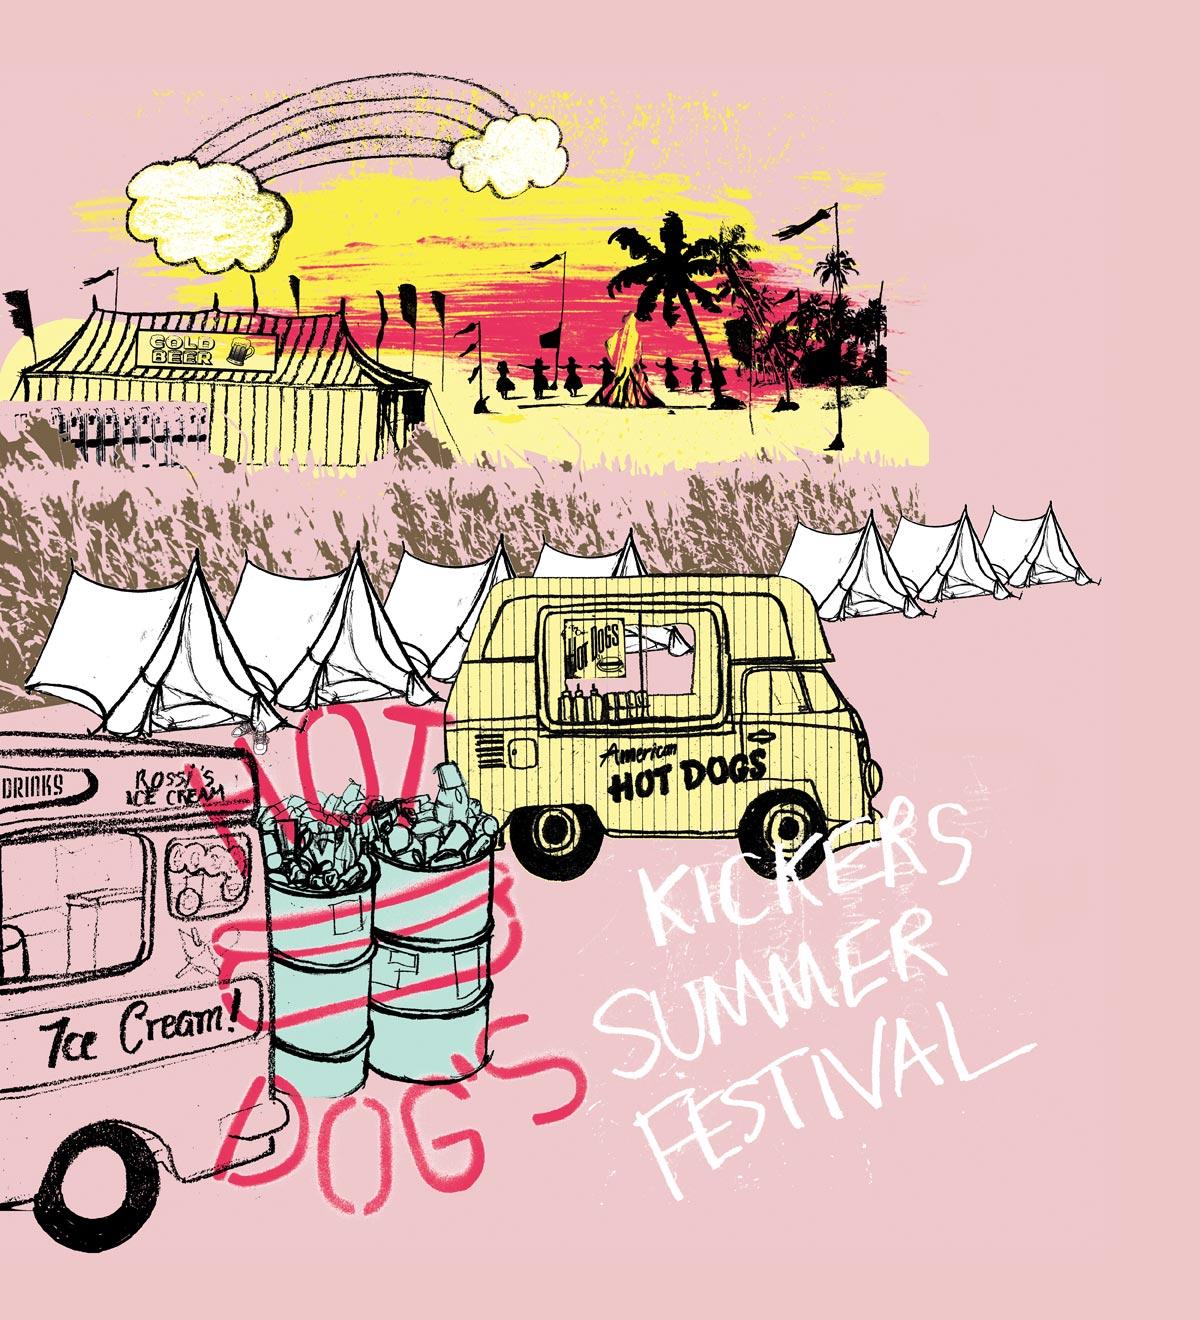 kickers_summer_festival